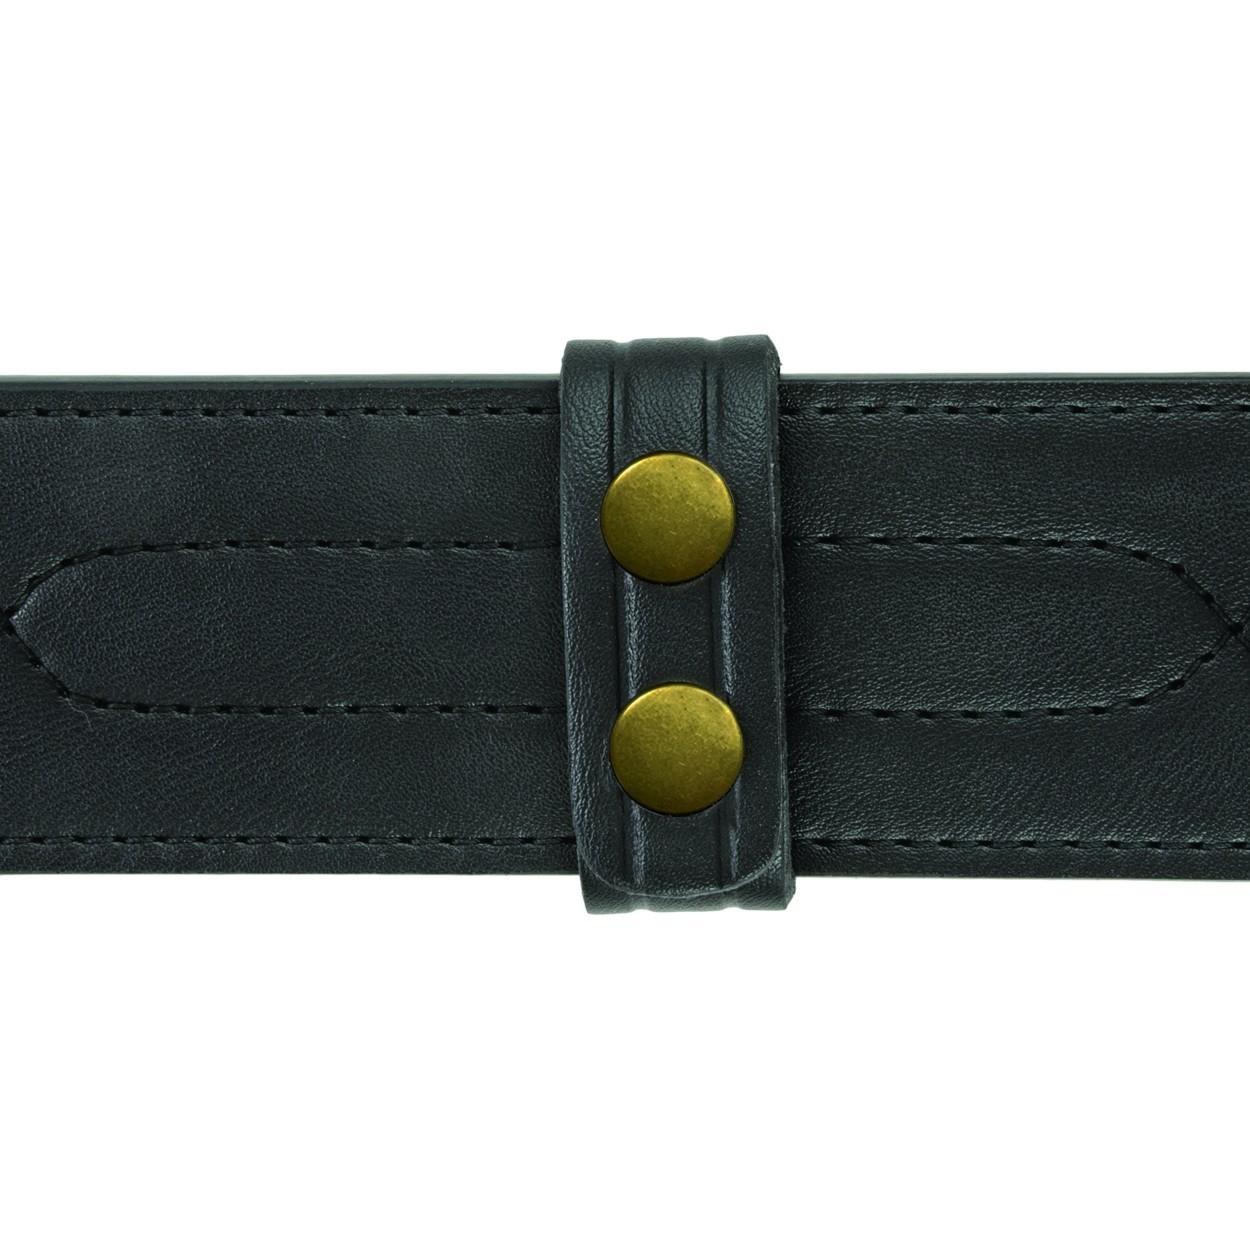 """Belt Keepers, 2 1/4"""" Belt, 4 Pack, Standard, AirTek, Smooth, Gold Snaps"""